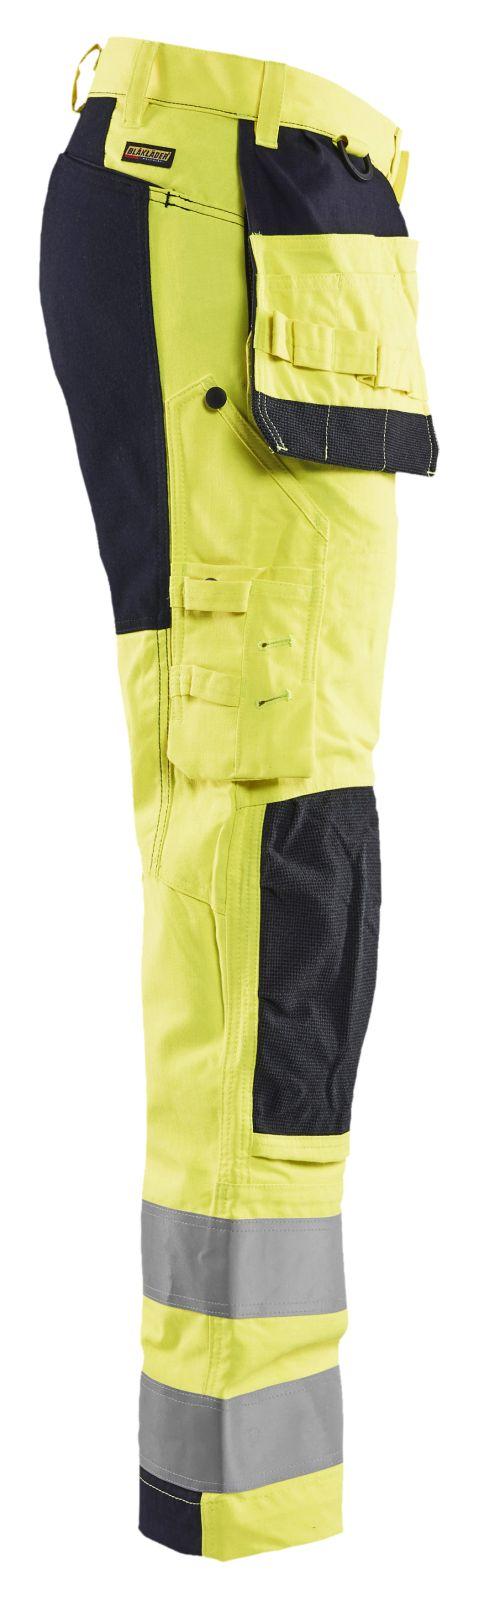 Blaklader Werkbroeken 15871512 met Stretch Multinorm geel-marineblauw(3389)